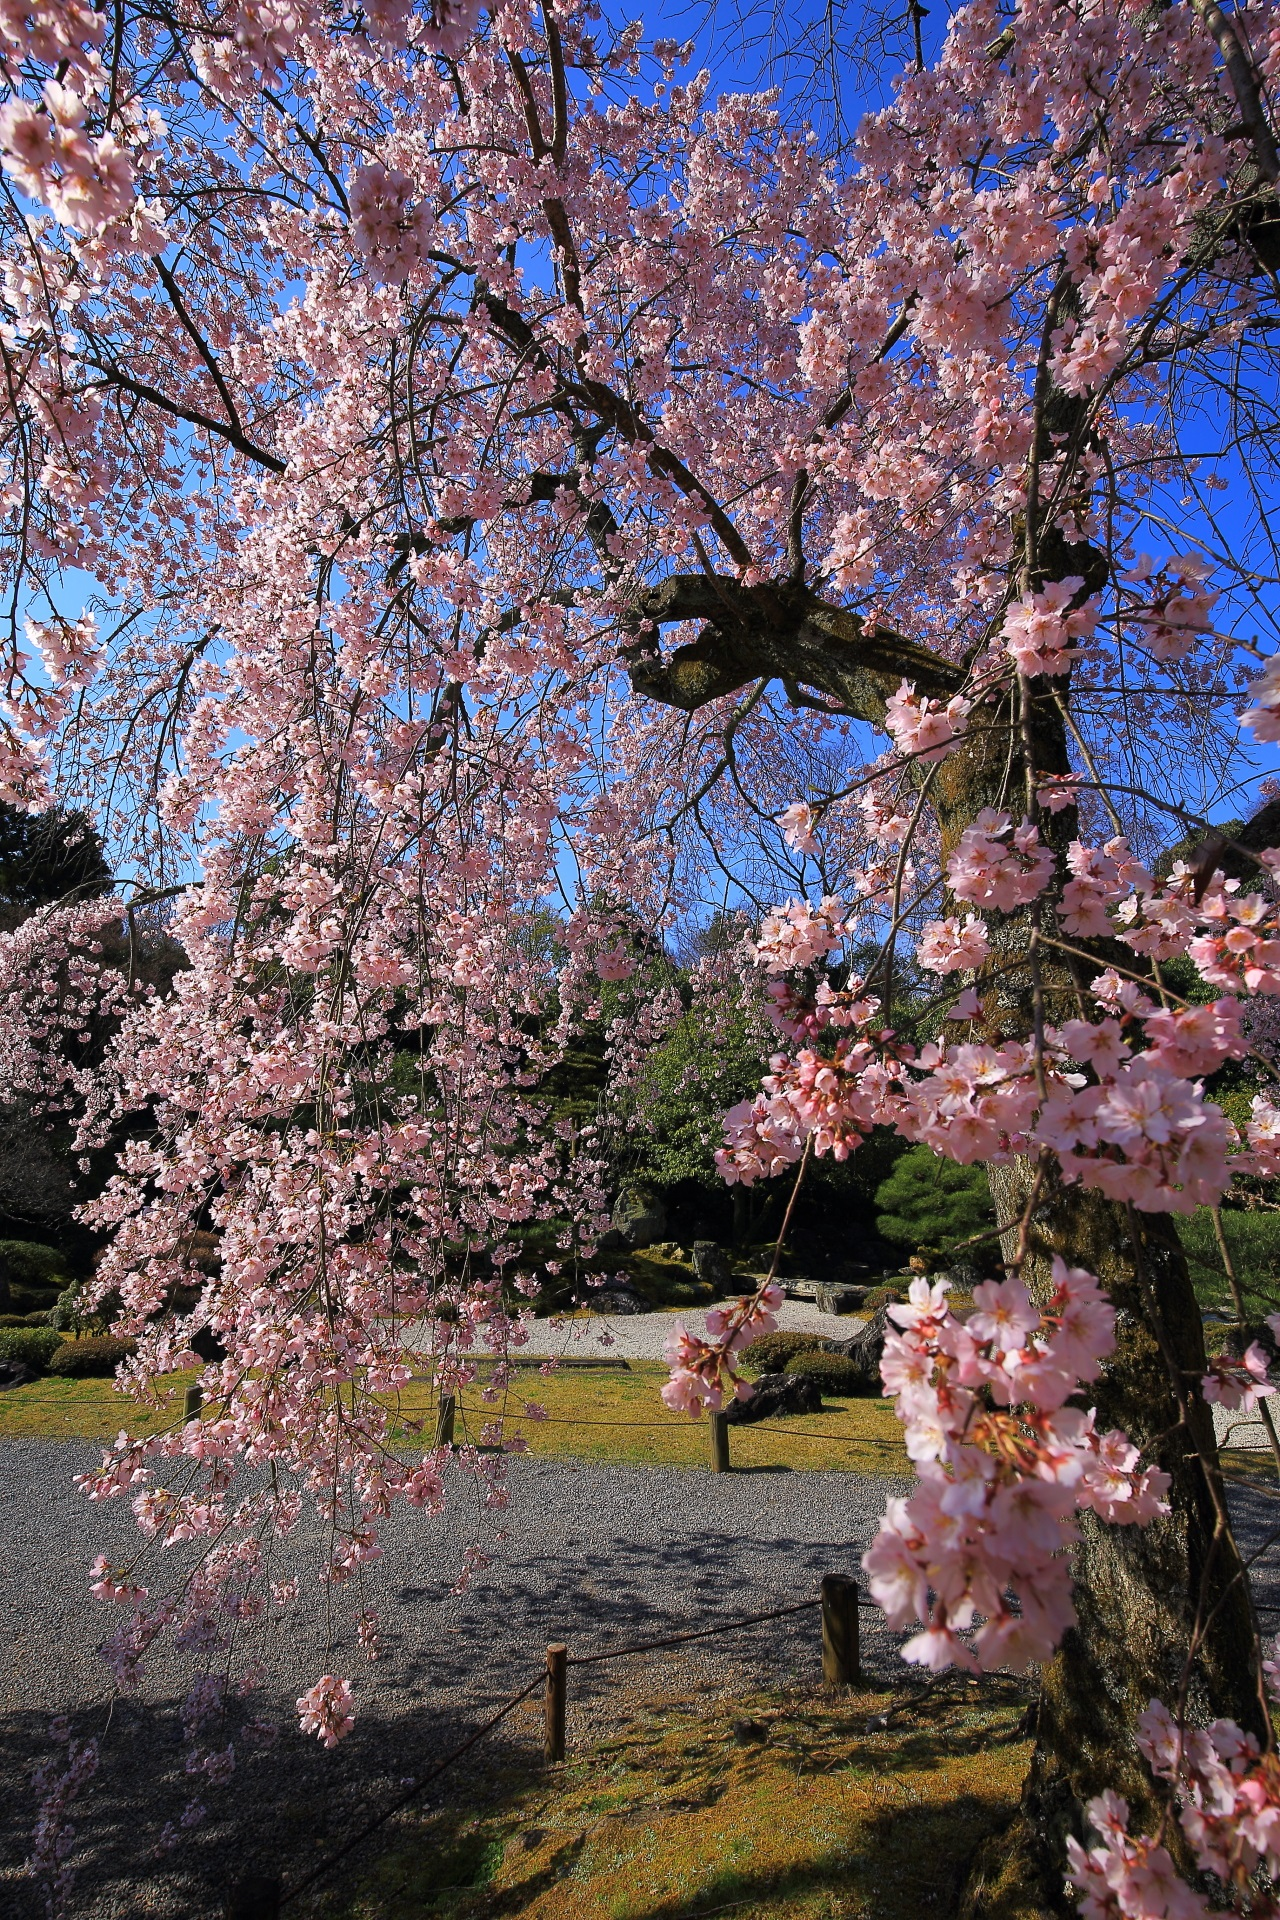 華やかに咲き誇る満開のしだれ桜